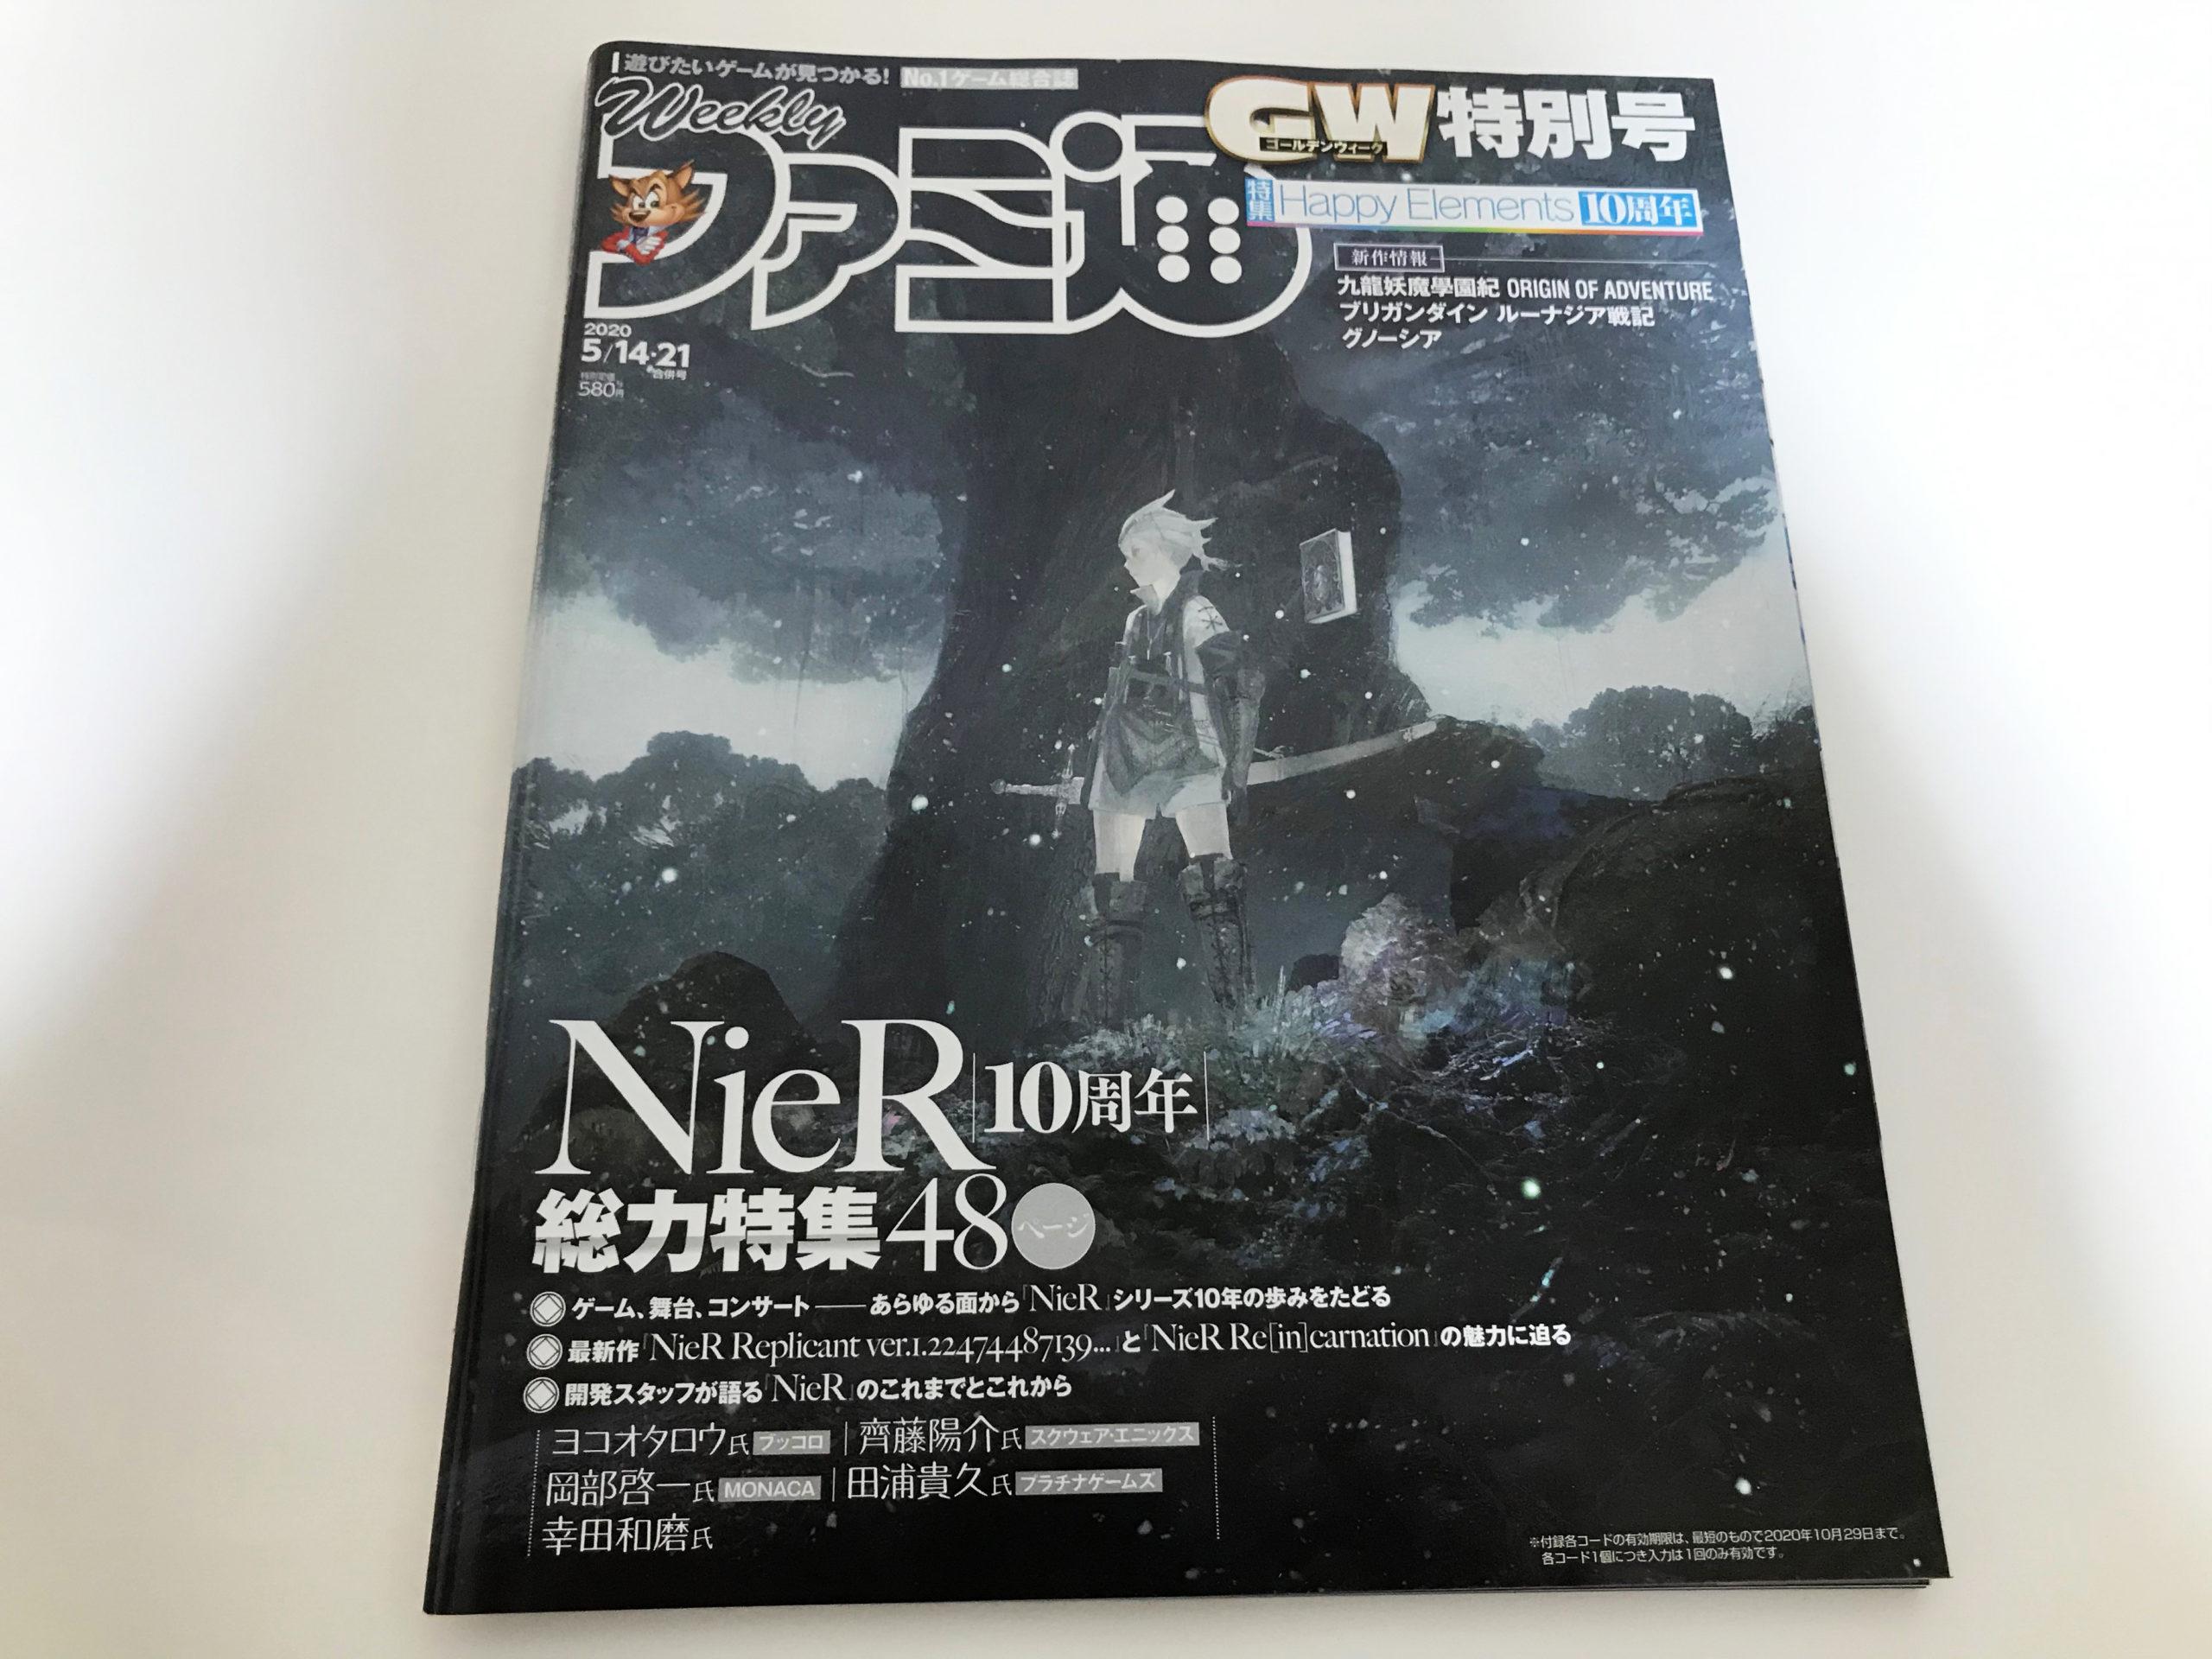 週刊ファミ通 2020年5月14日・21日号 No.1640